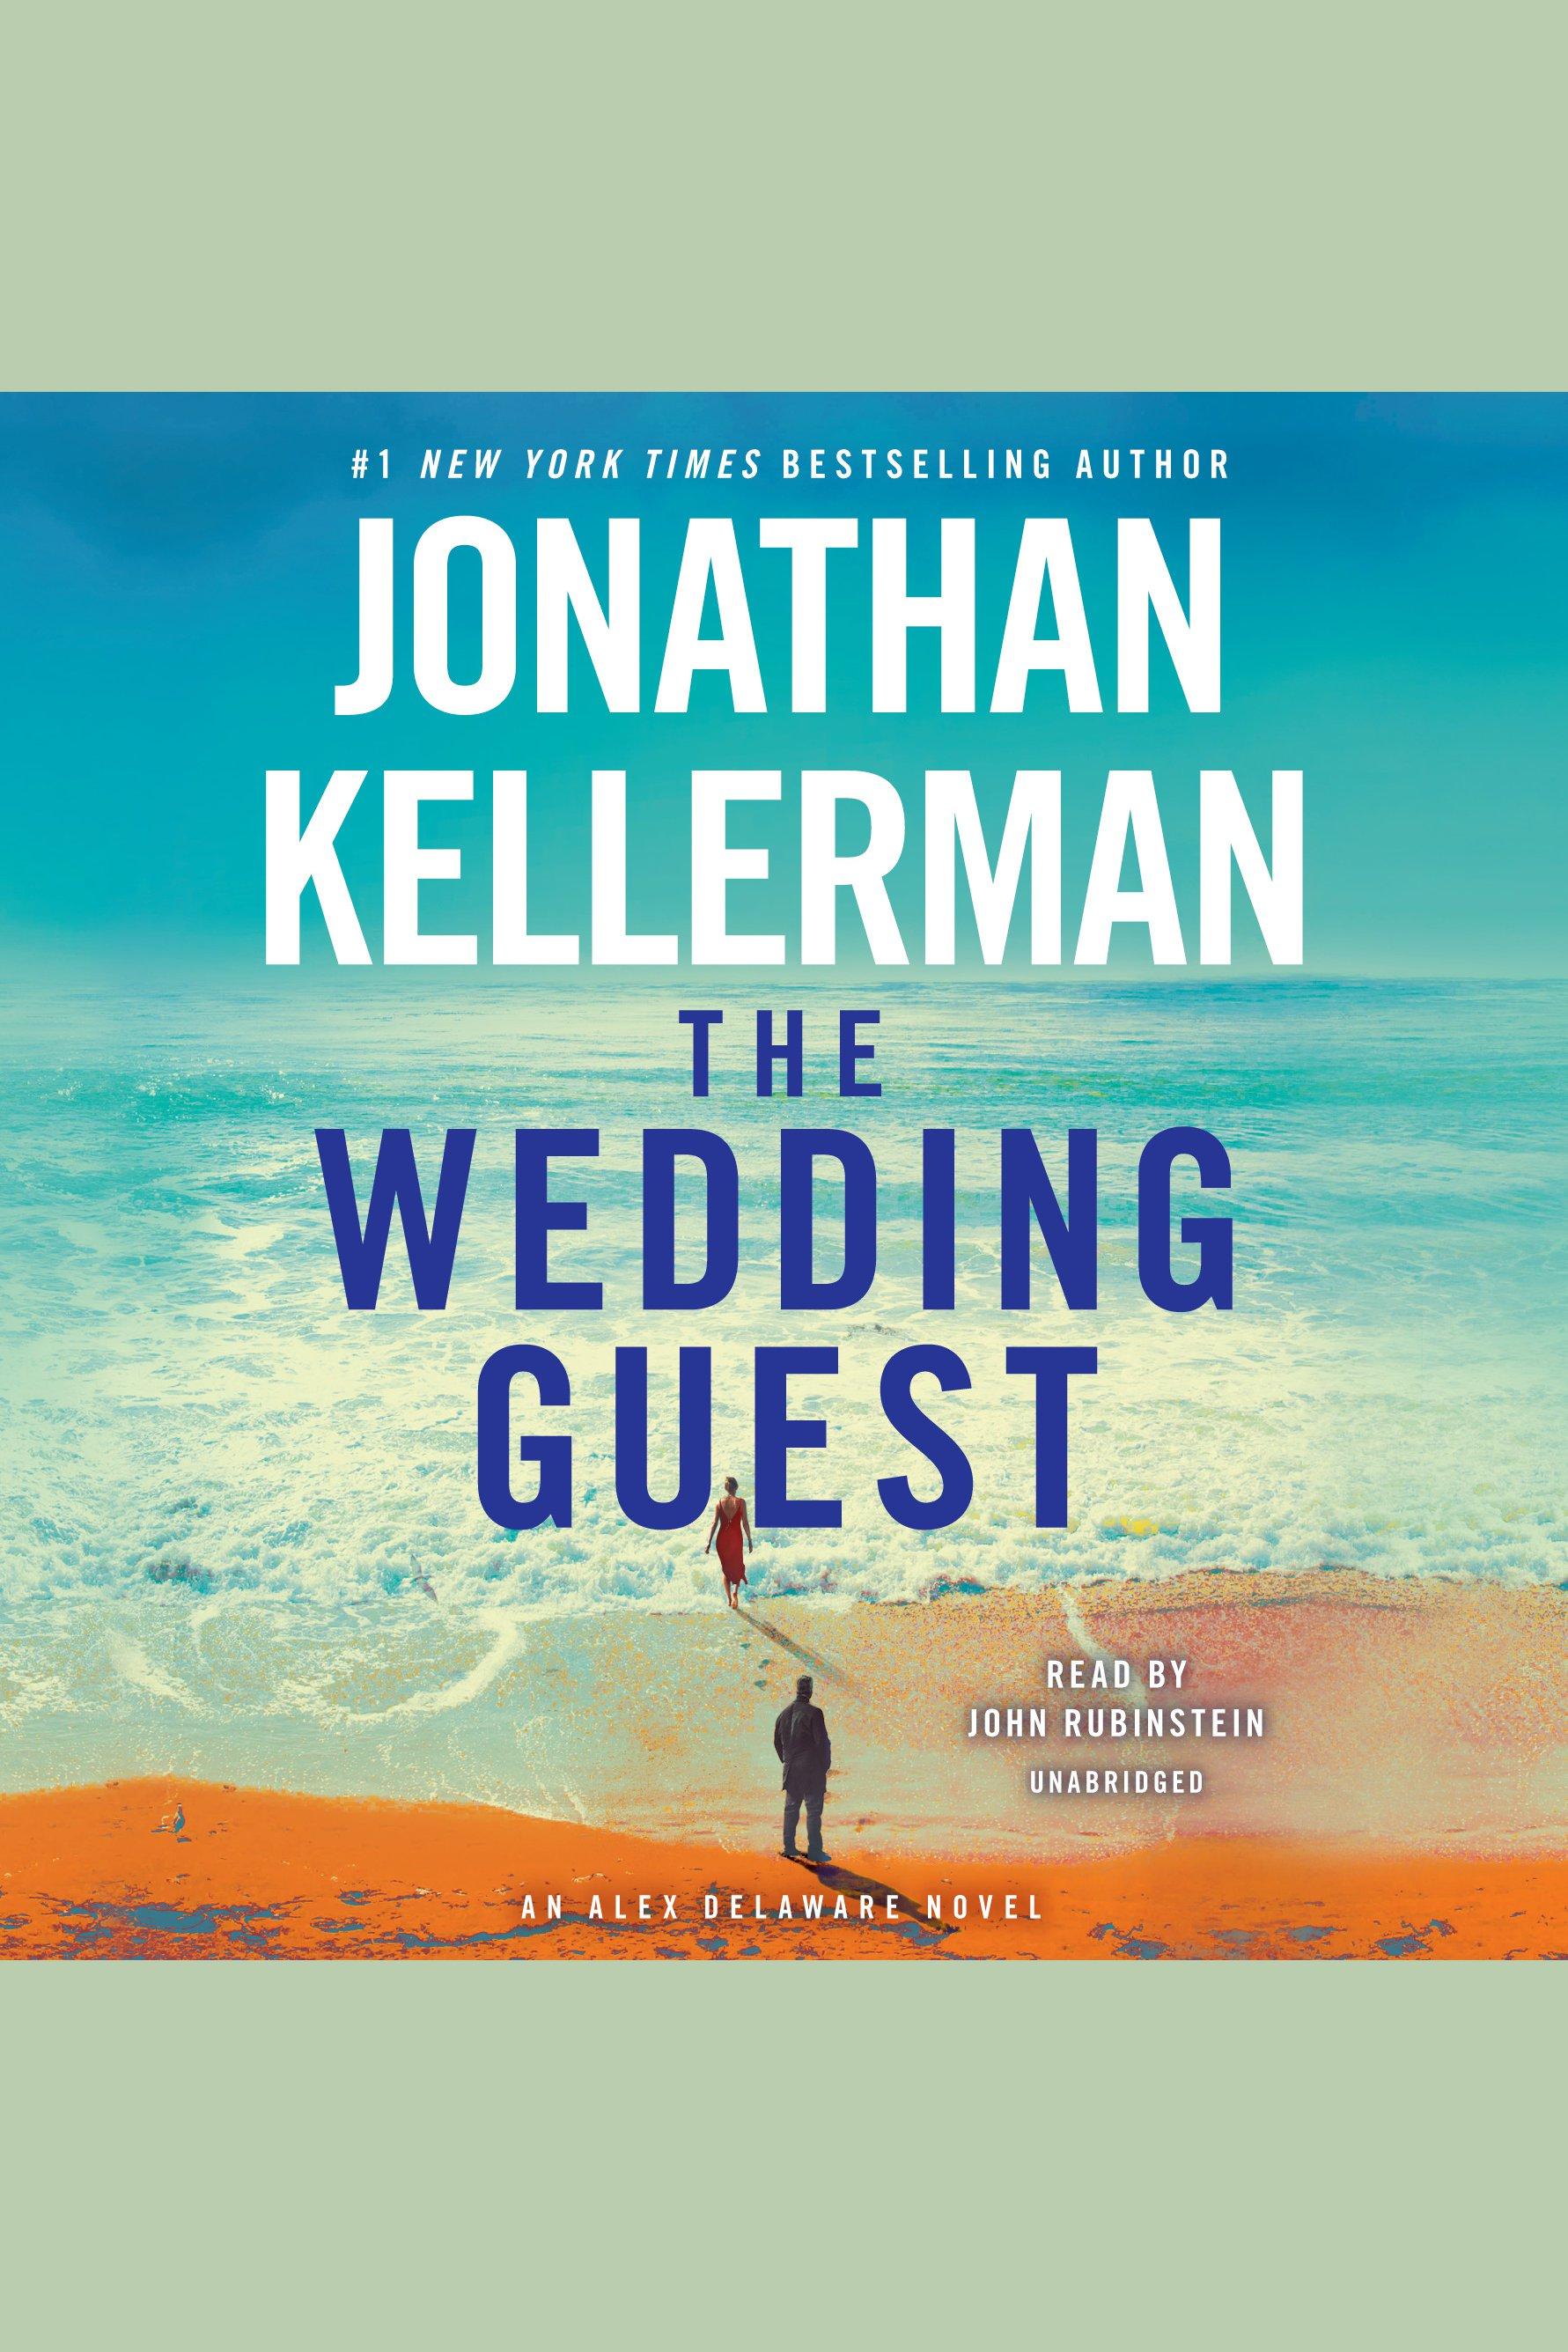 Wedding Guest, The An Alex Delaware Novel